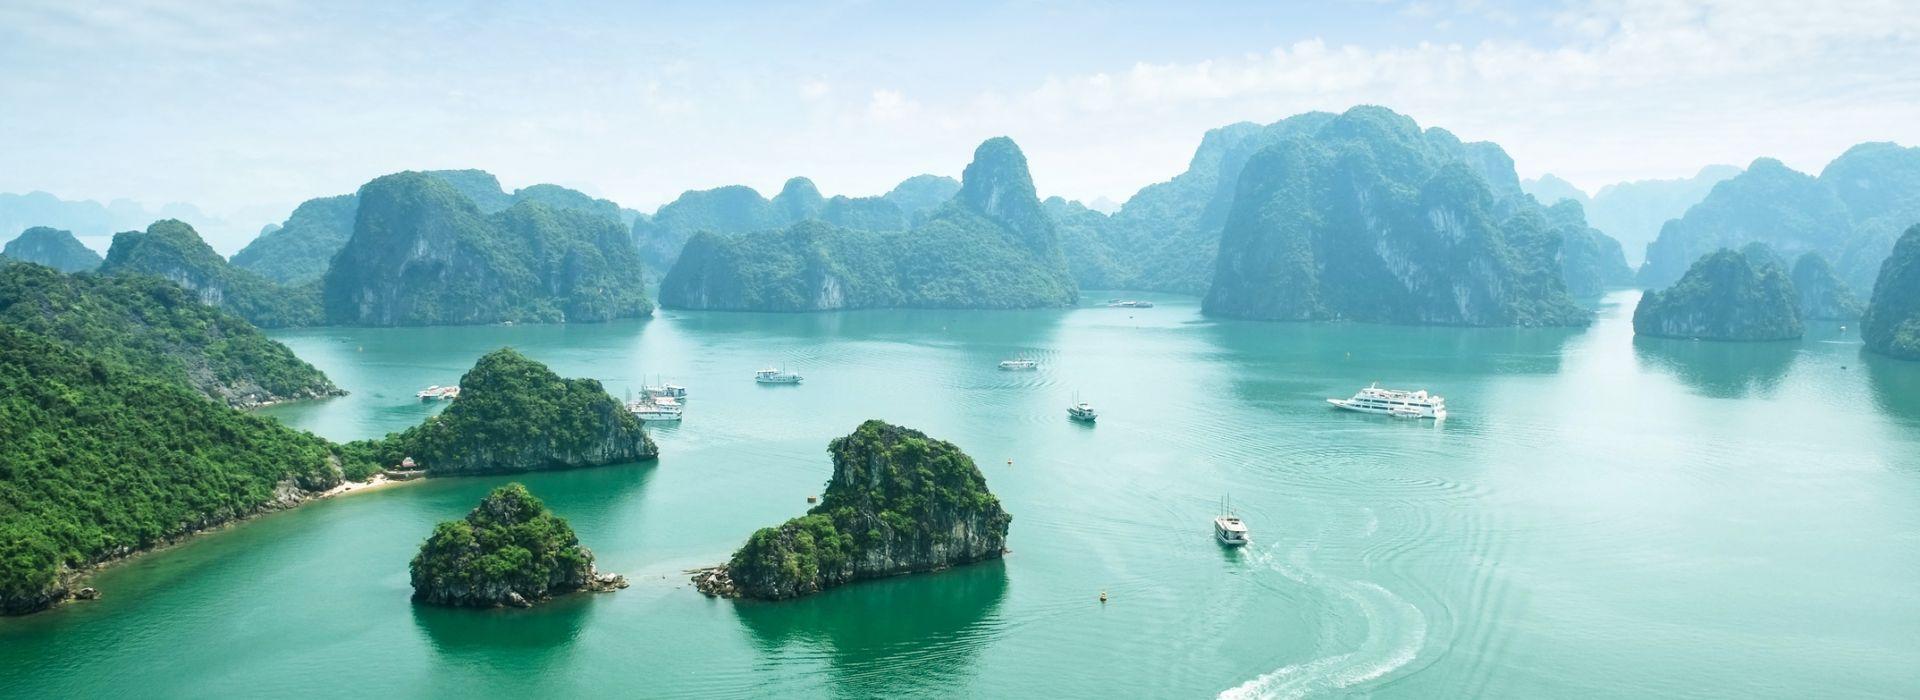 Adventure Tours in Hanoi